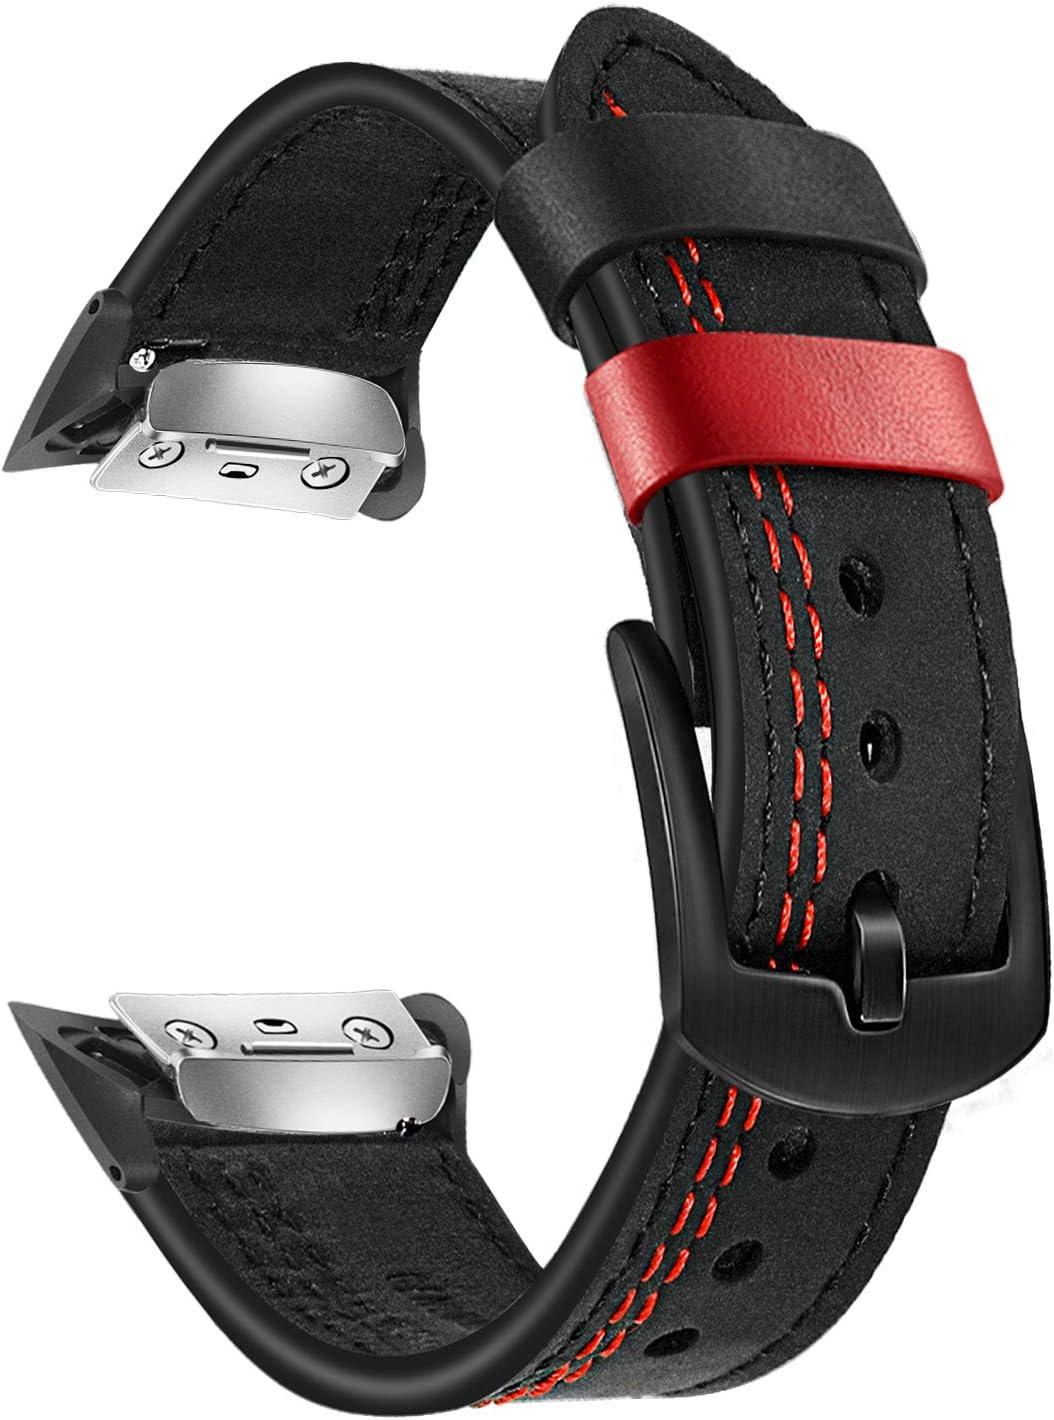 TRUMiRR Reemplazo para Gear Fit 2 Correa de Reloj, Banda de Reloj de Cuero Genuino de Doble Color Cierre de Acero Inoxidable Brazalete Deportivo para Samsung Gear Fit 2 SM-R360 / Fit2 Pro SM-R365